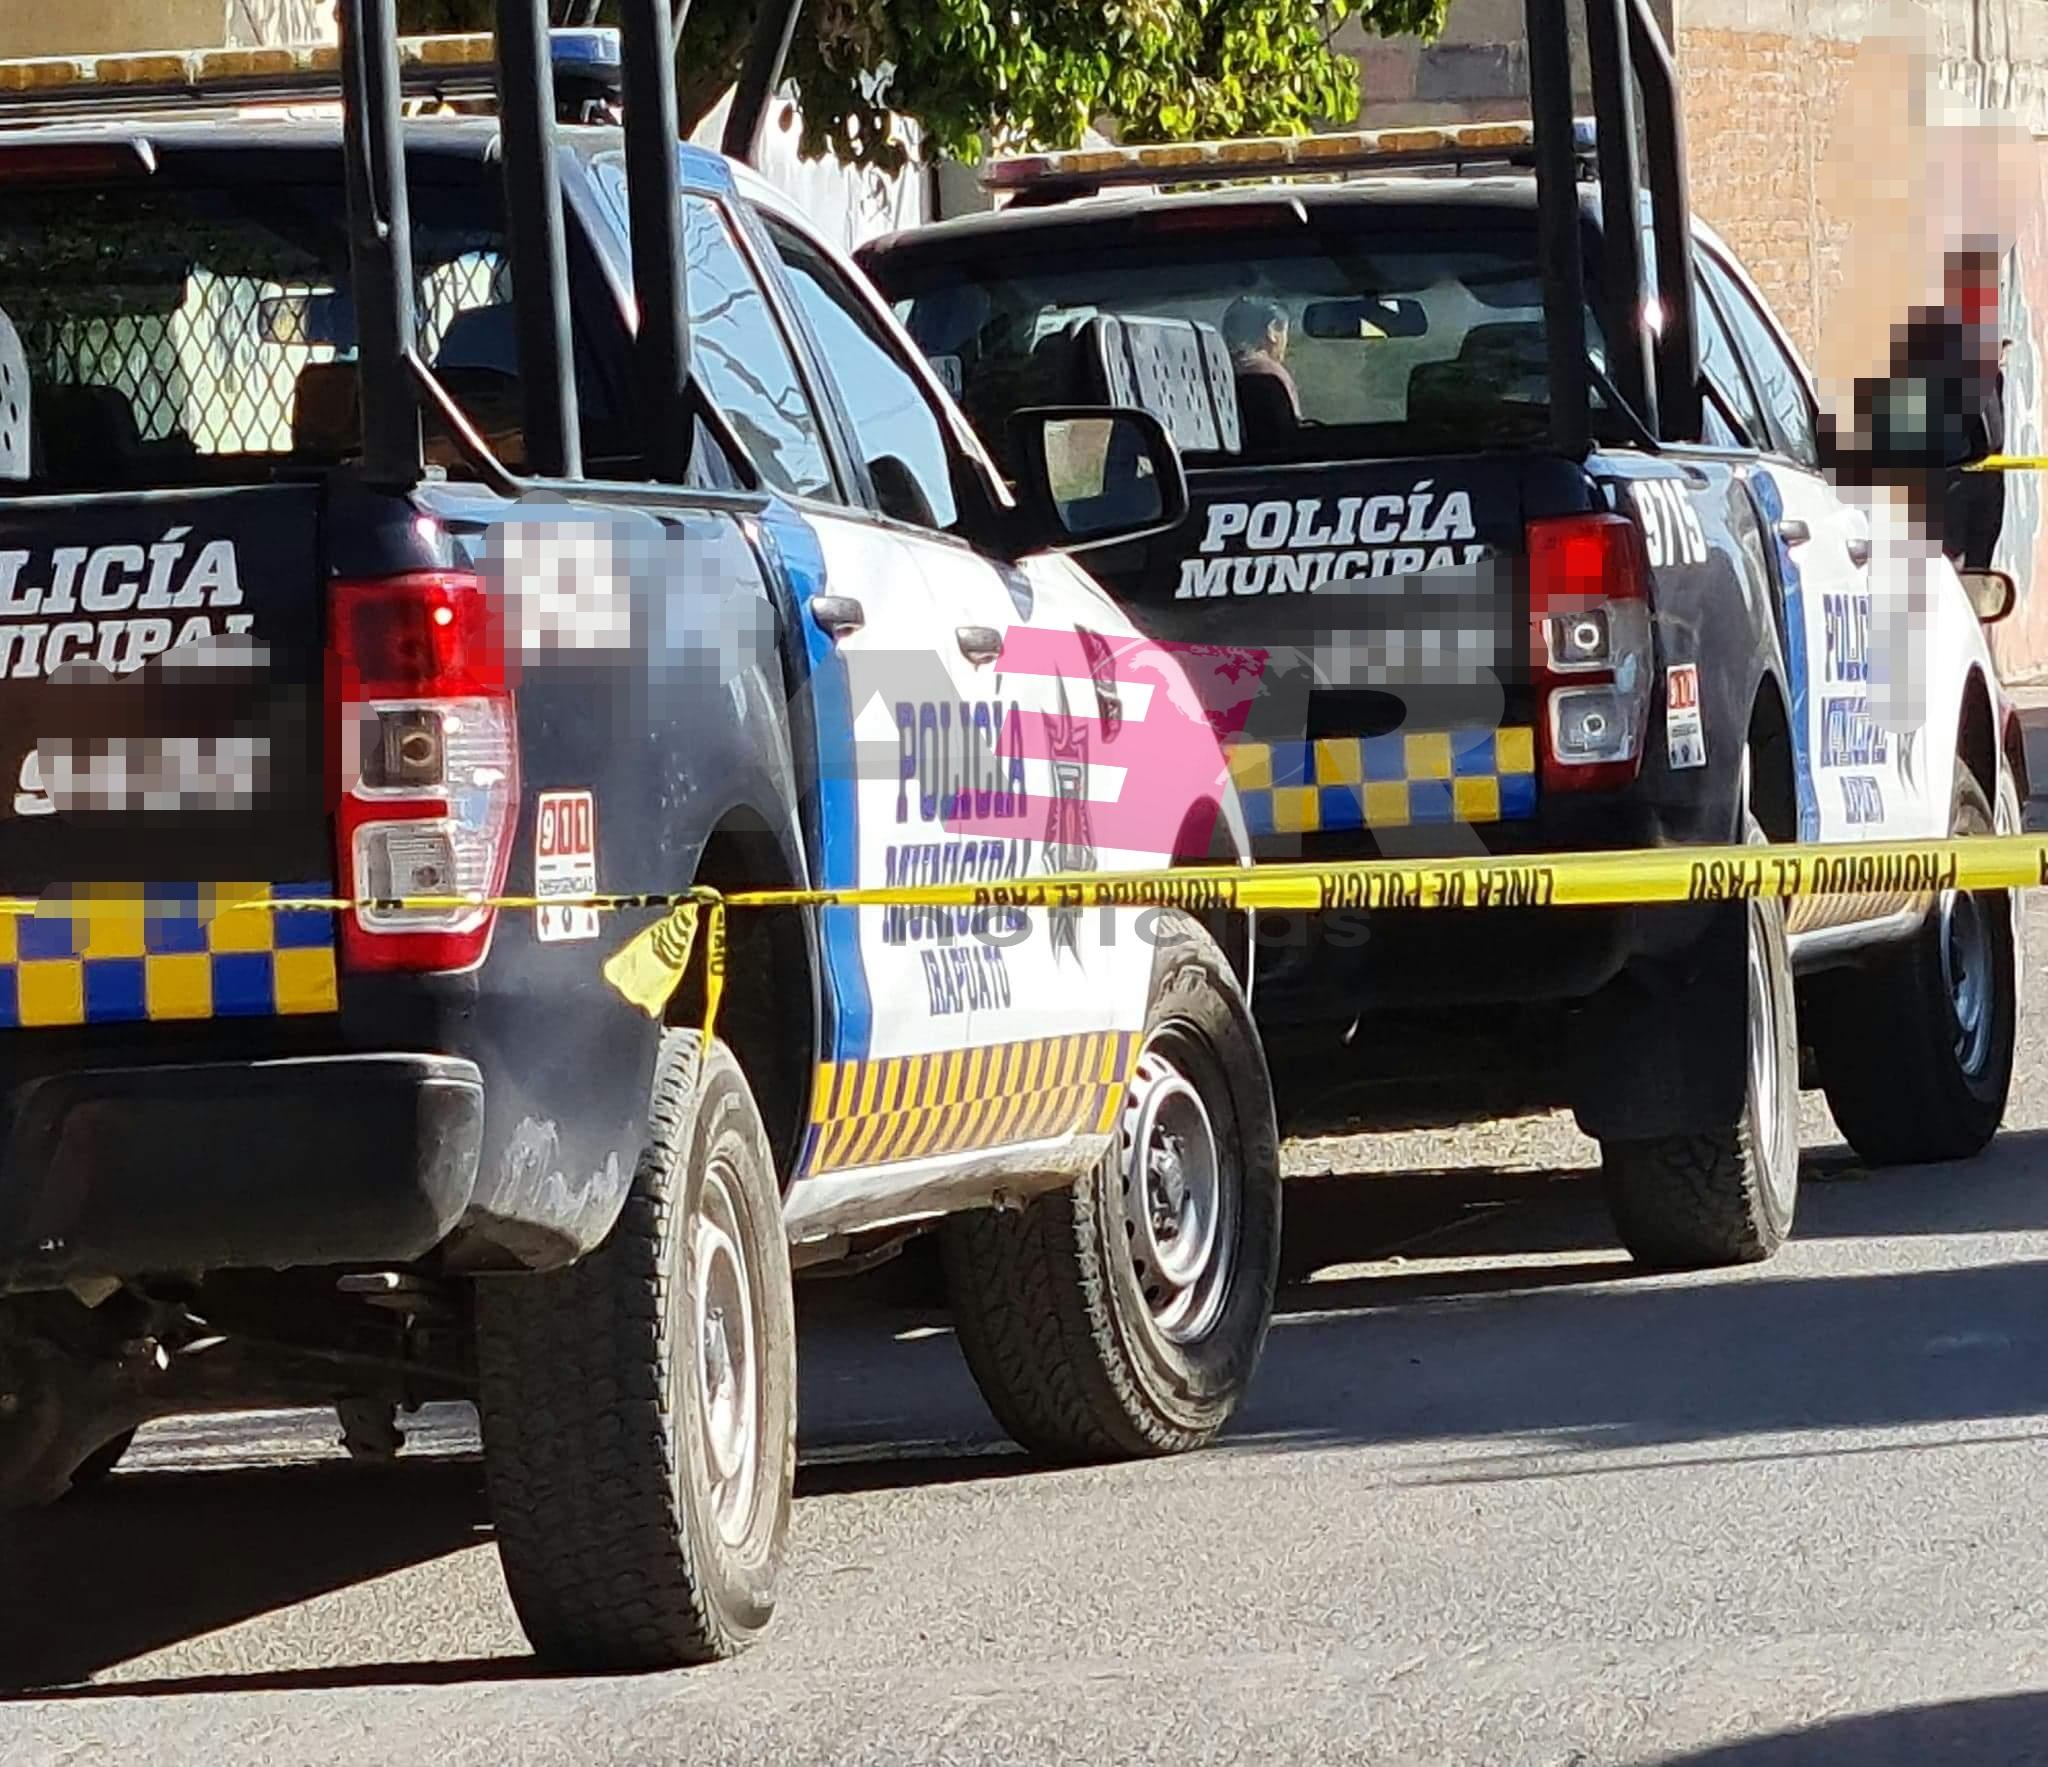 Encuentran restos humanos enterrados en patio de vivienda en Barrio Nuevo 1